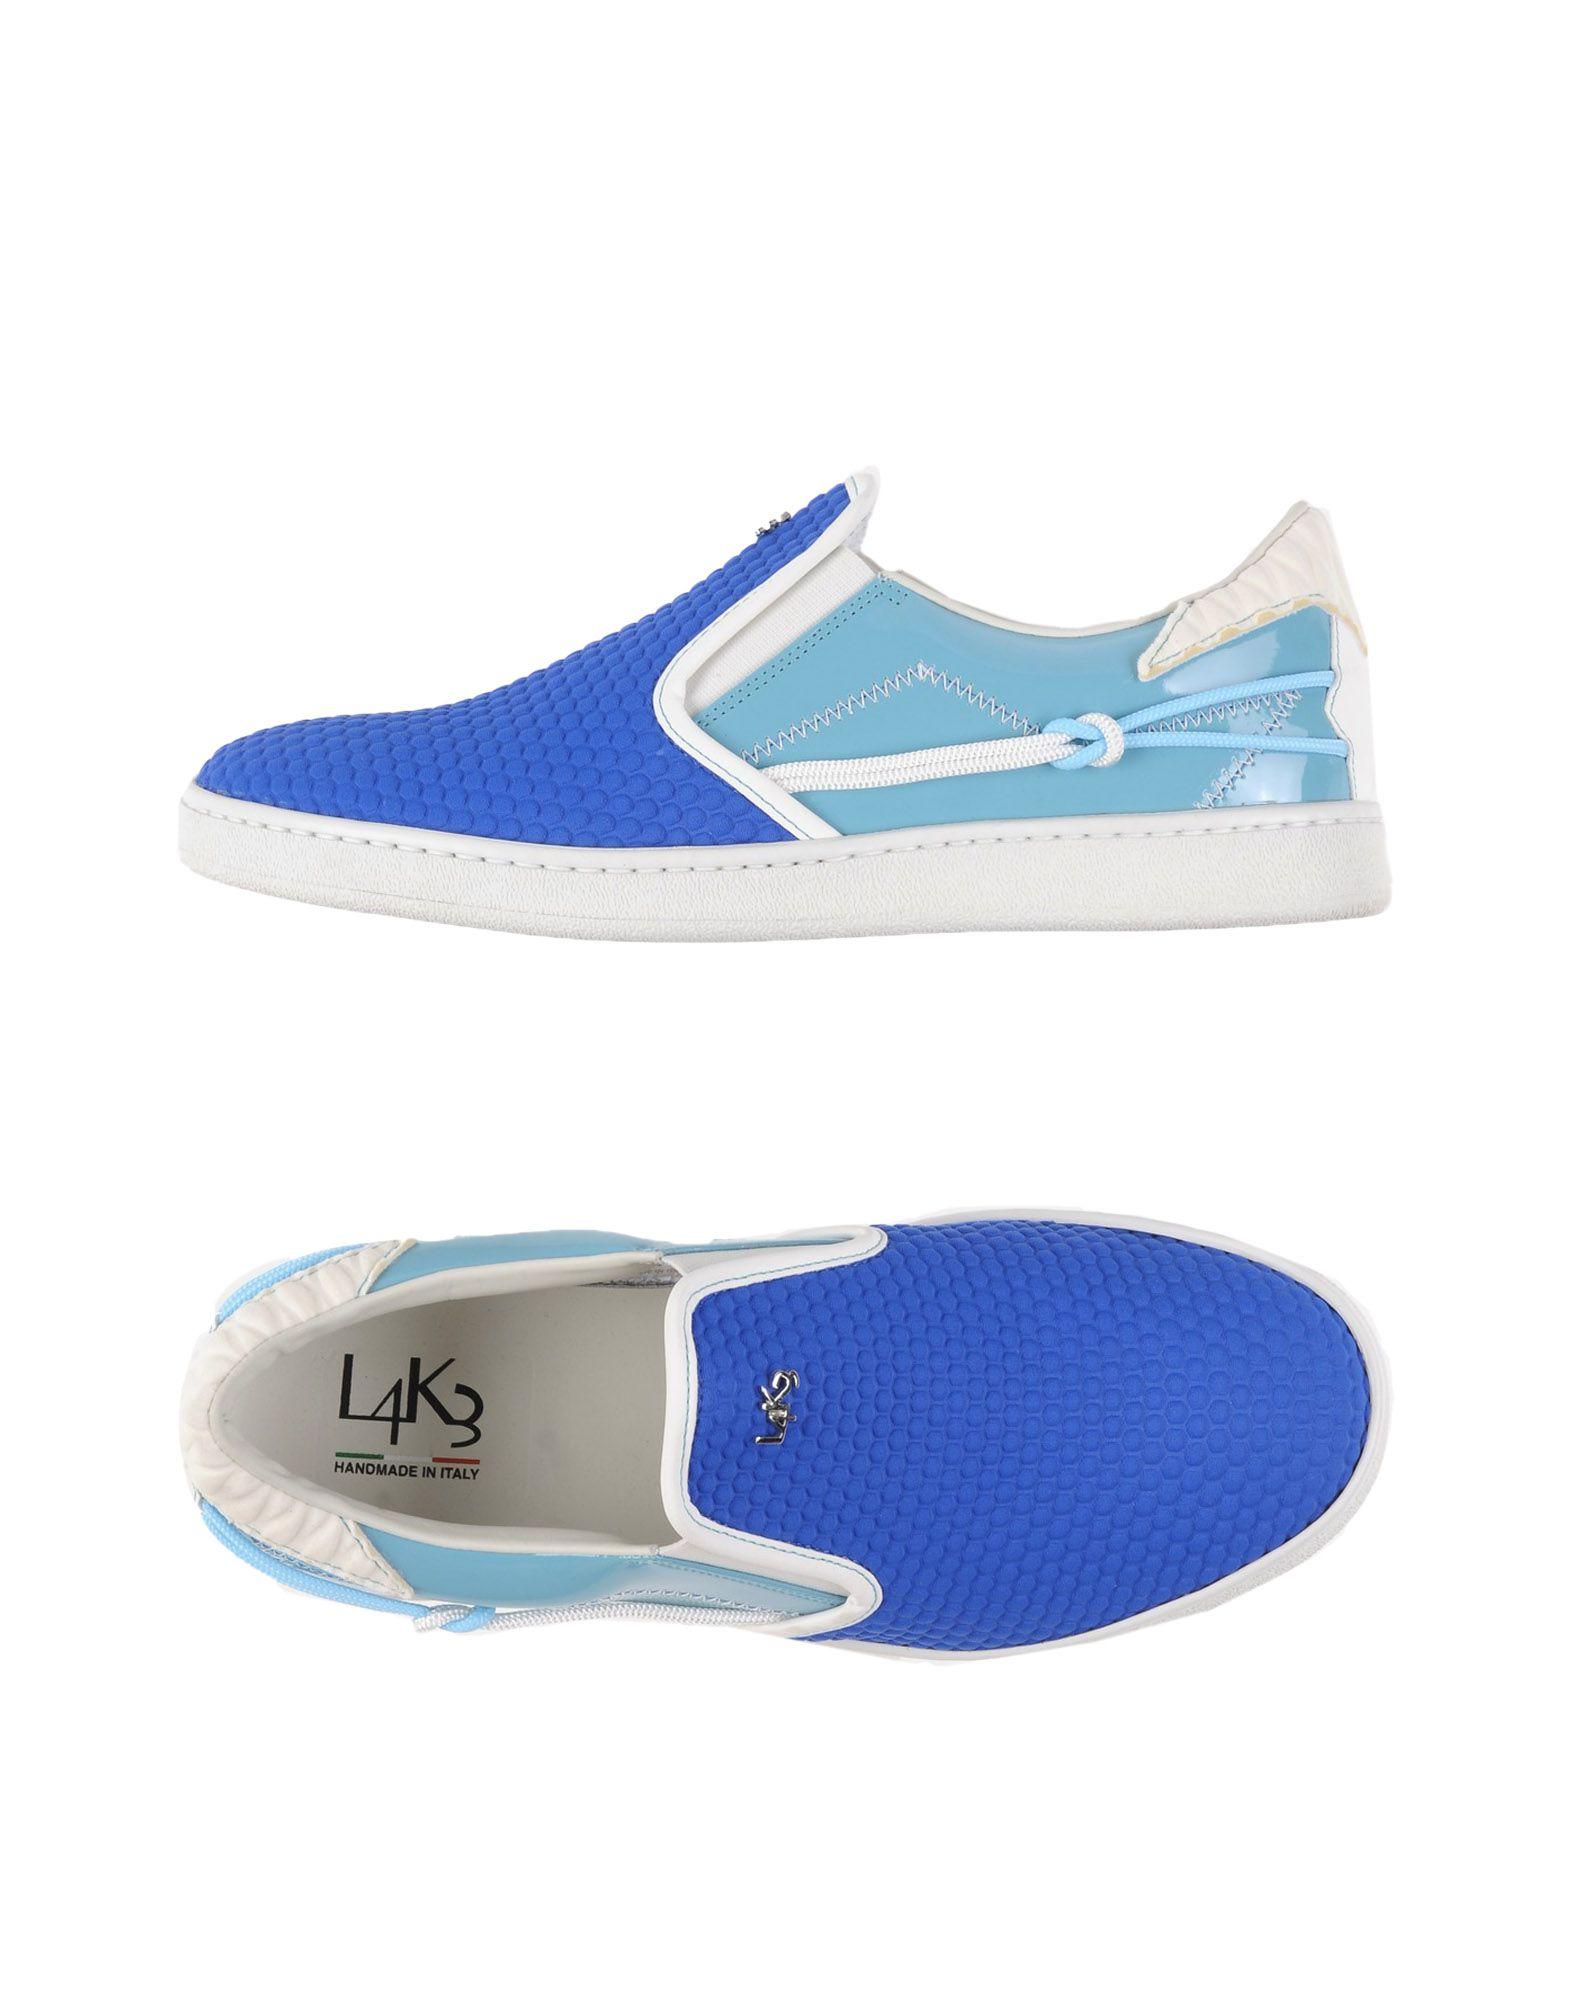 Rabatt echte Schuhe L4k3 Sneakers Herren  11192965LW